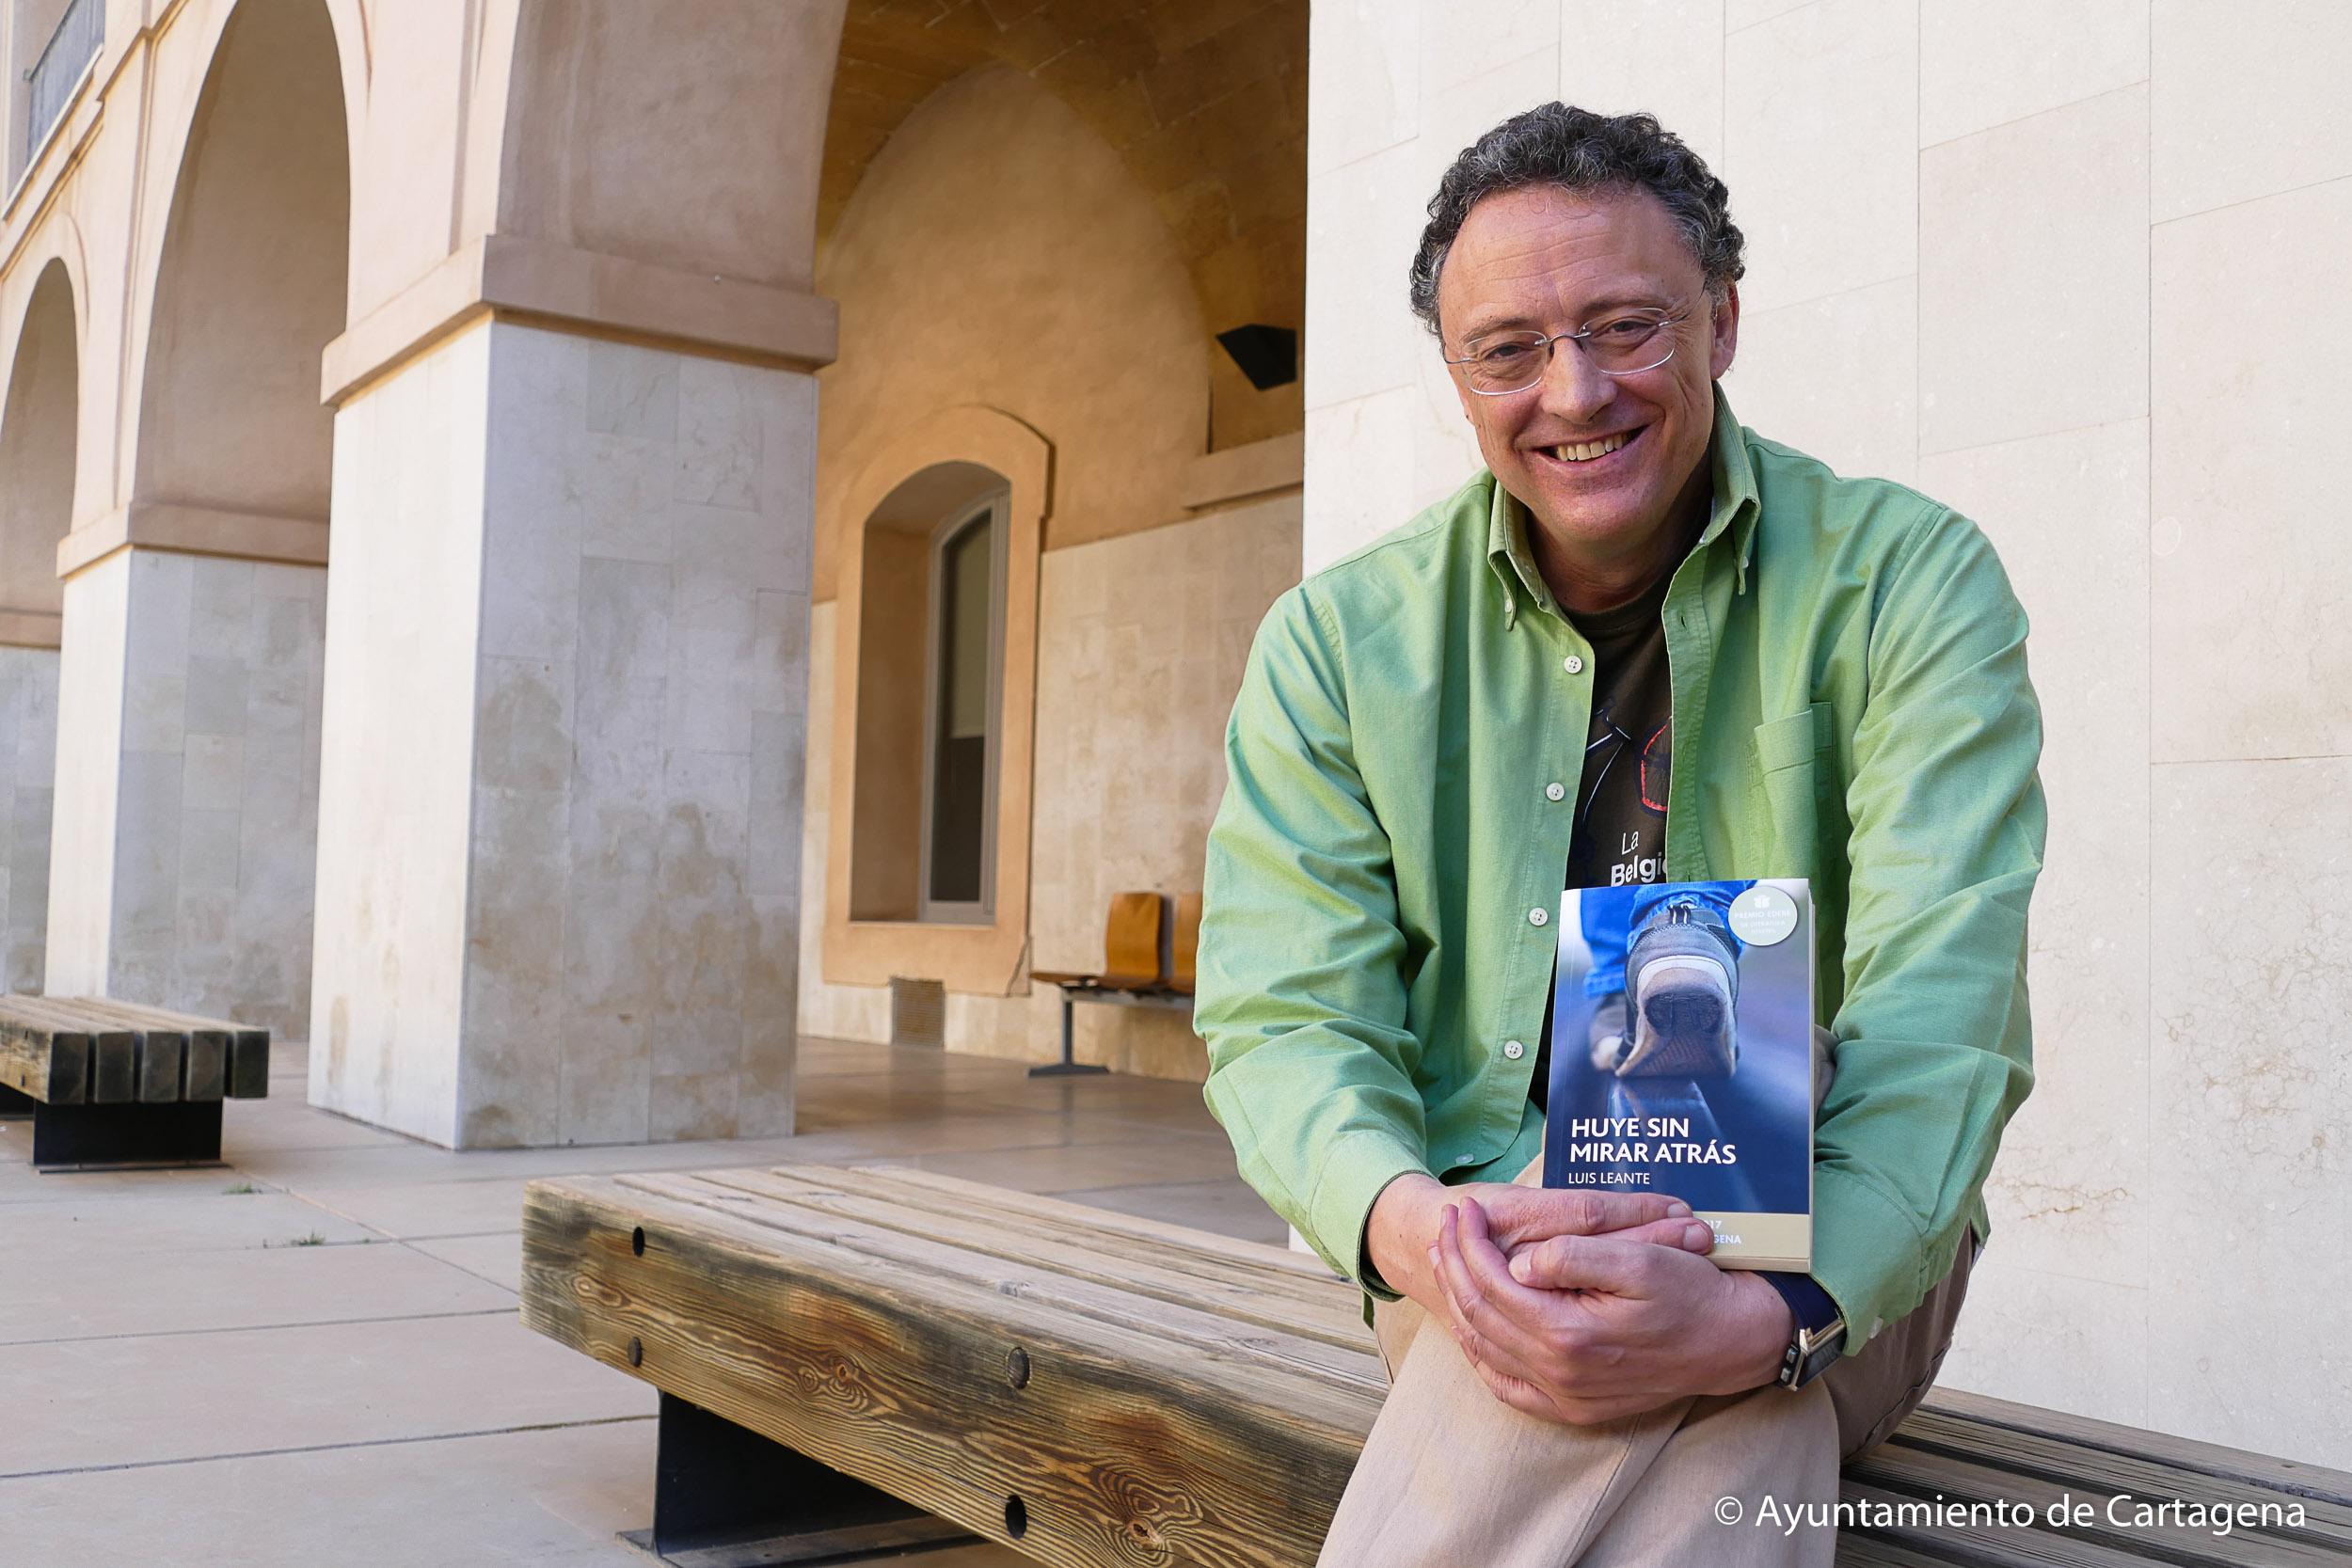 Presentación del libro 'Huye sin mirar atrás' de Luis Leante